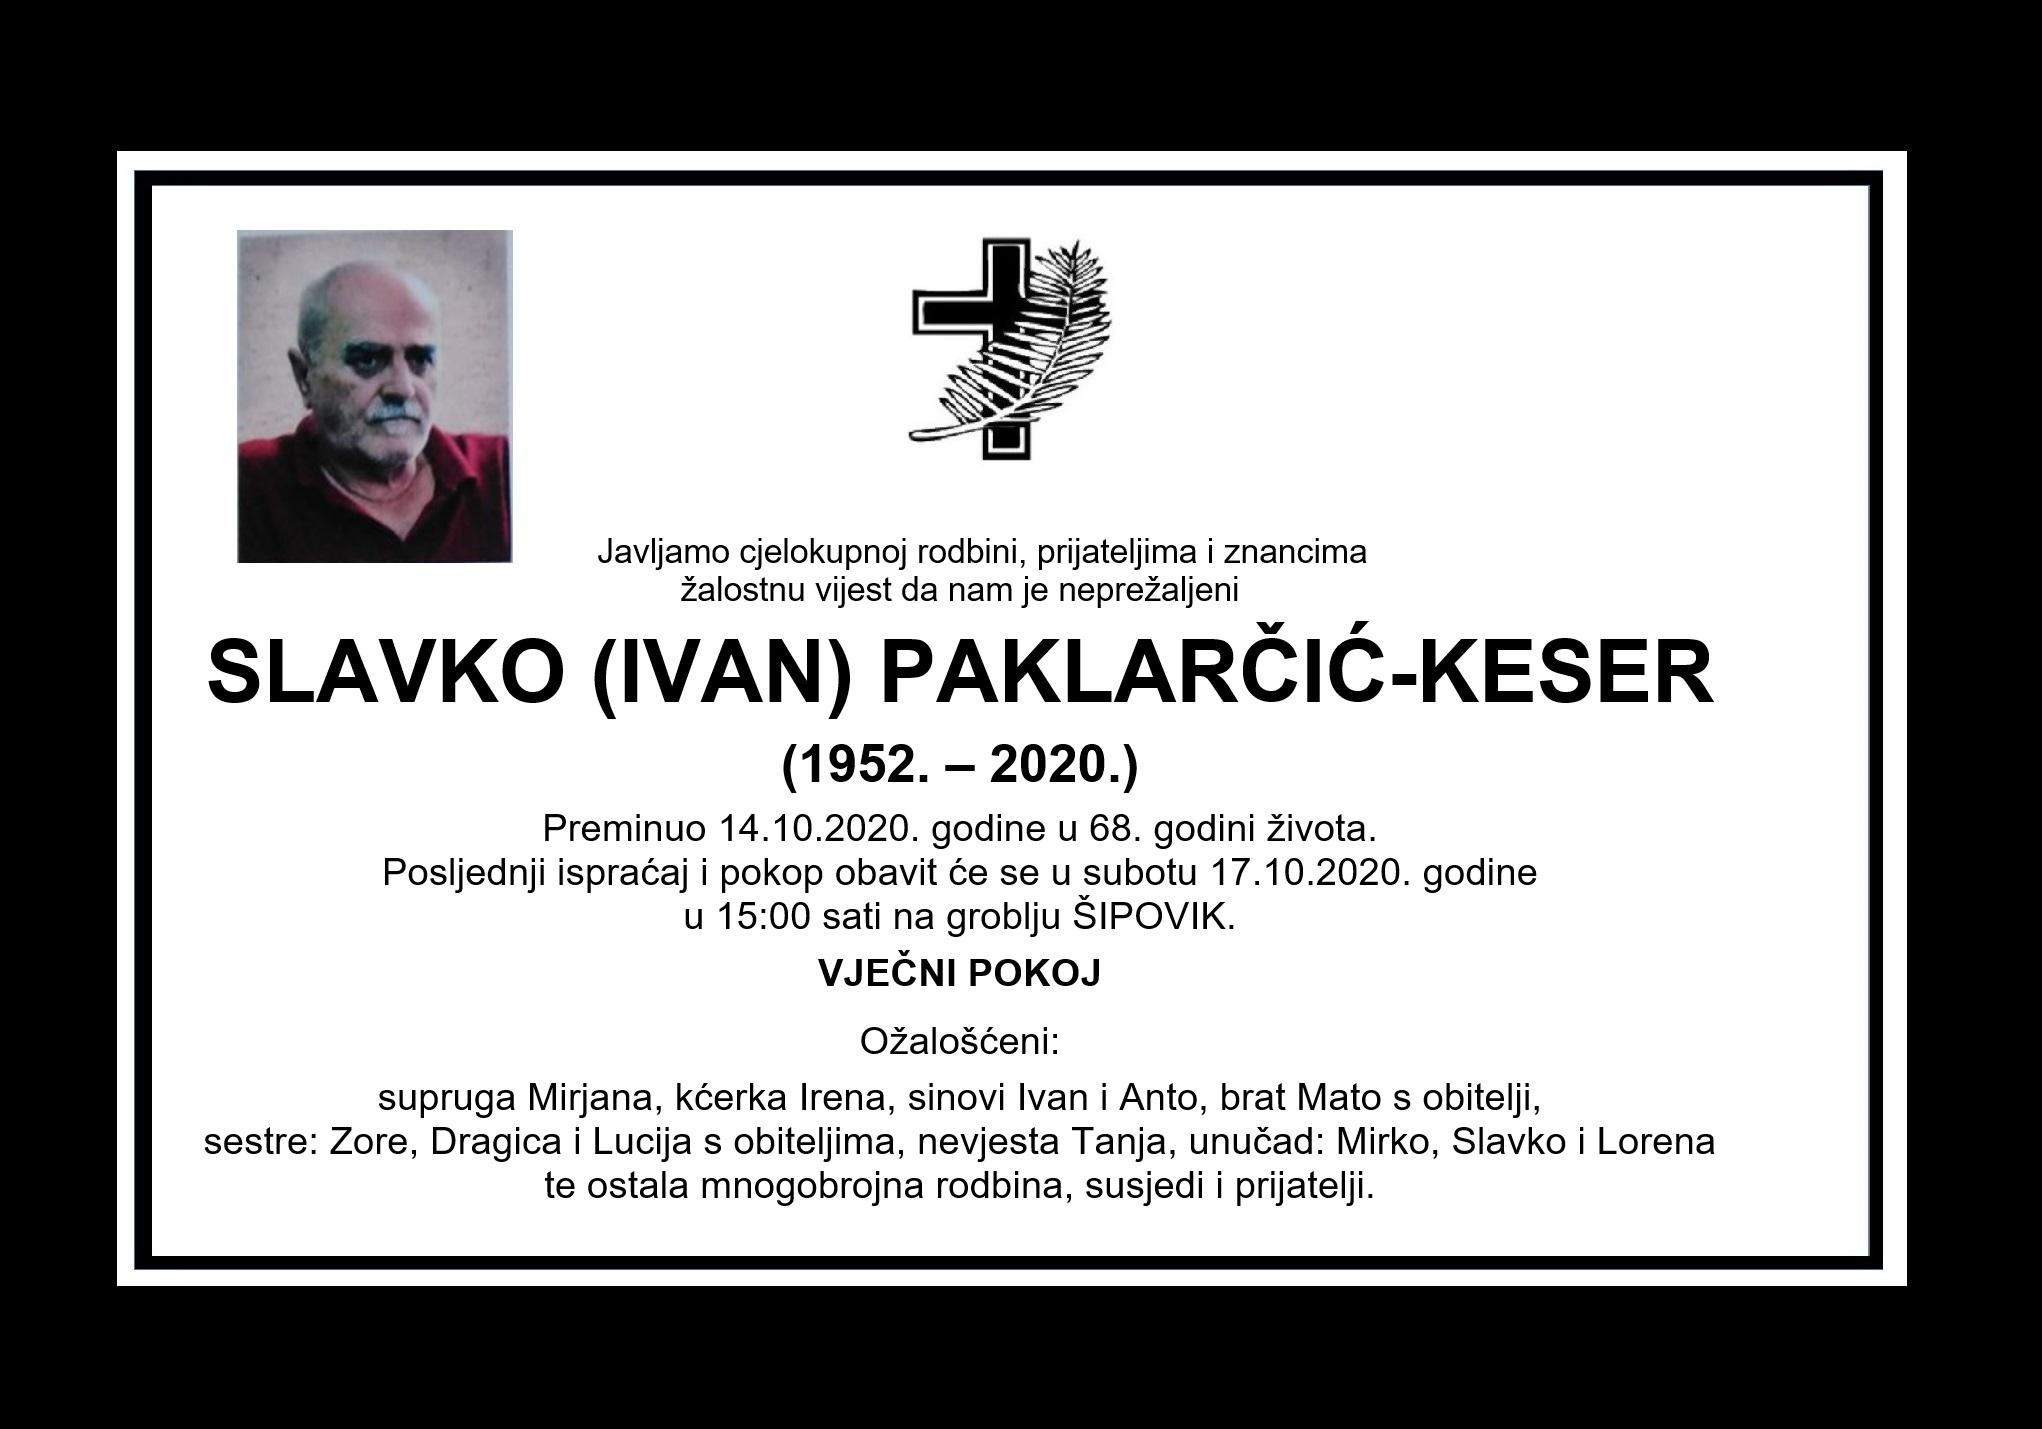 Slavko (Ivan) Paklarčić-Keser